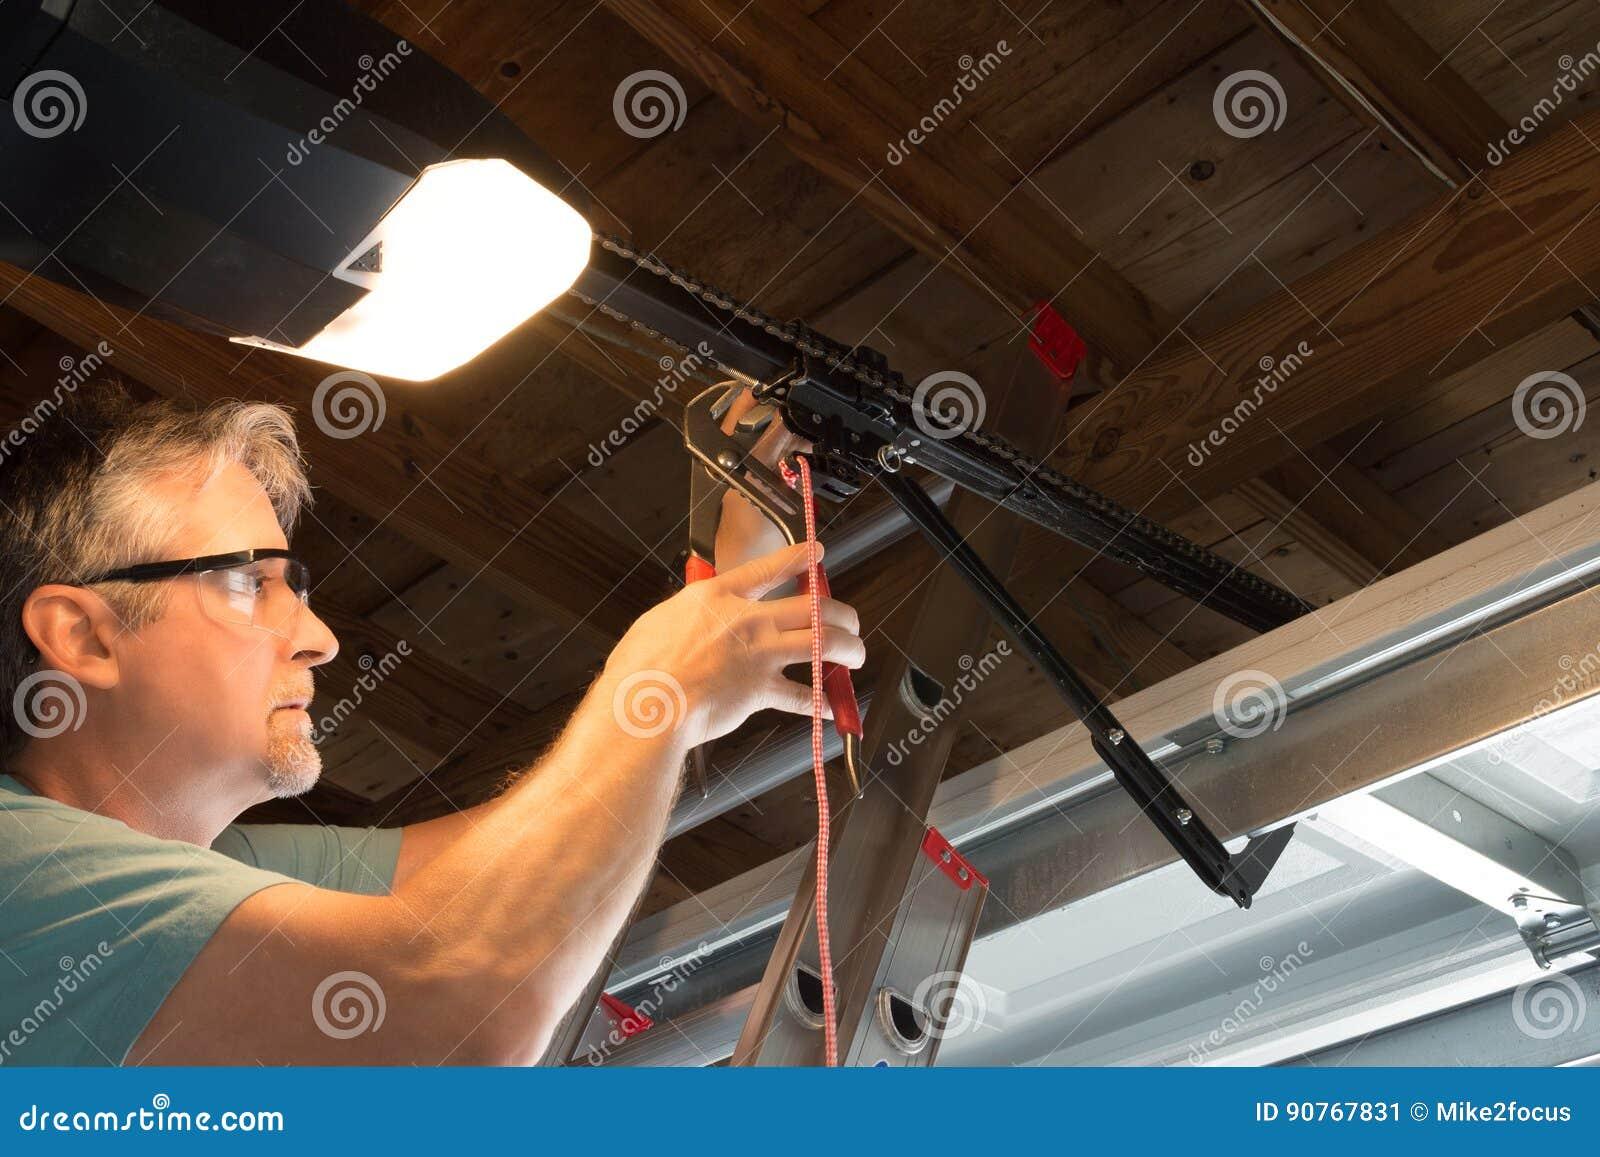 Professional automatic garage door opener repair service technician working closeup